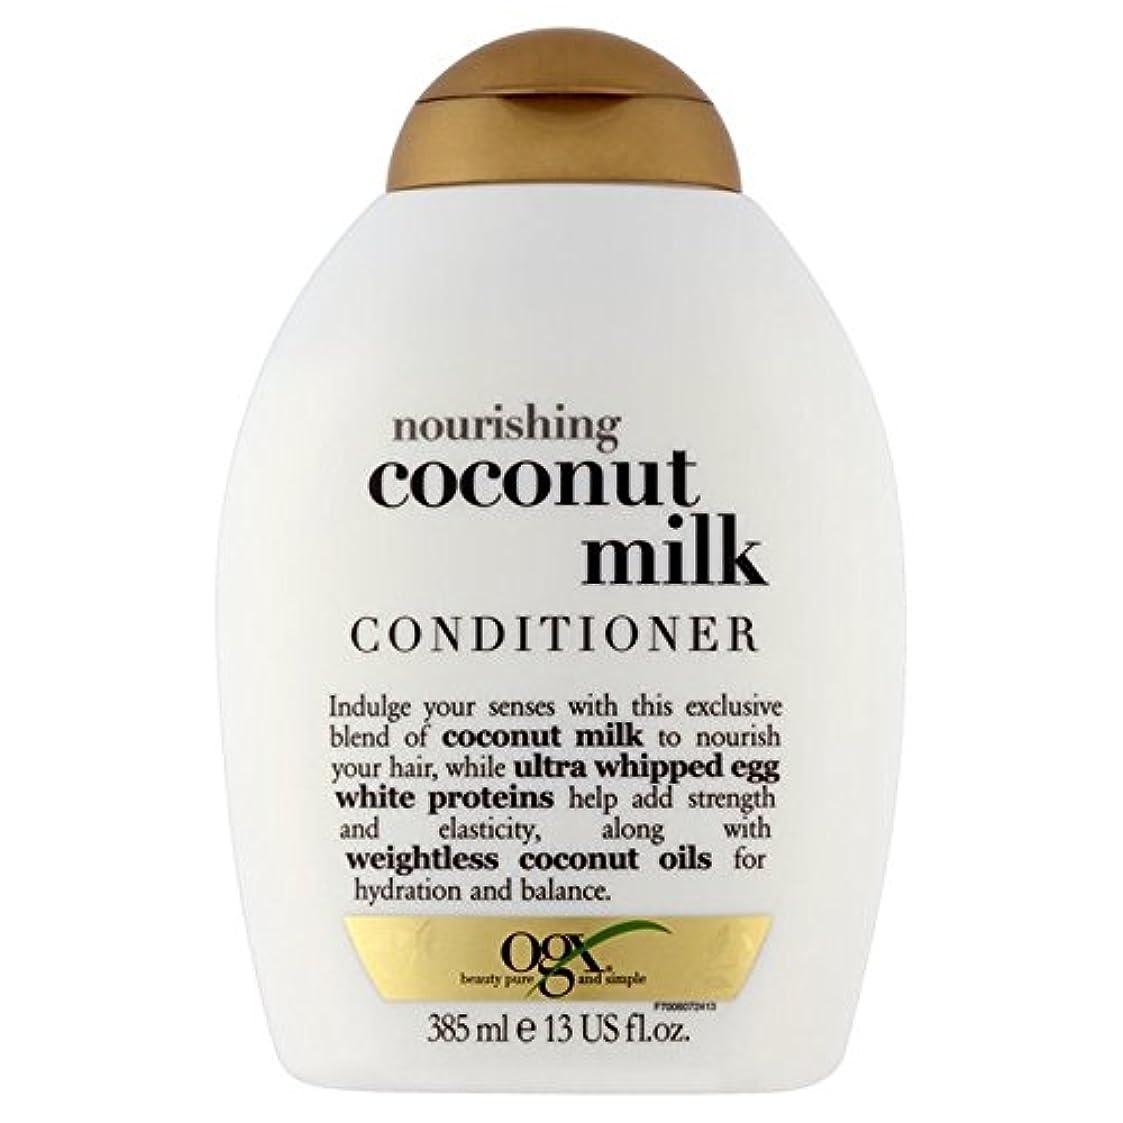 担当者月曜日記者Ogx Coconut Milk Conditioner 385ml (Pack of 6) - ココナッツミルクコンディショナー385ミリリットル x6 [並行輸入品]